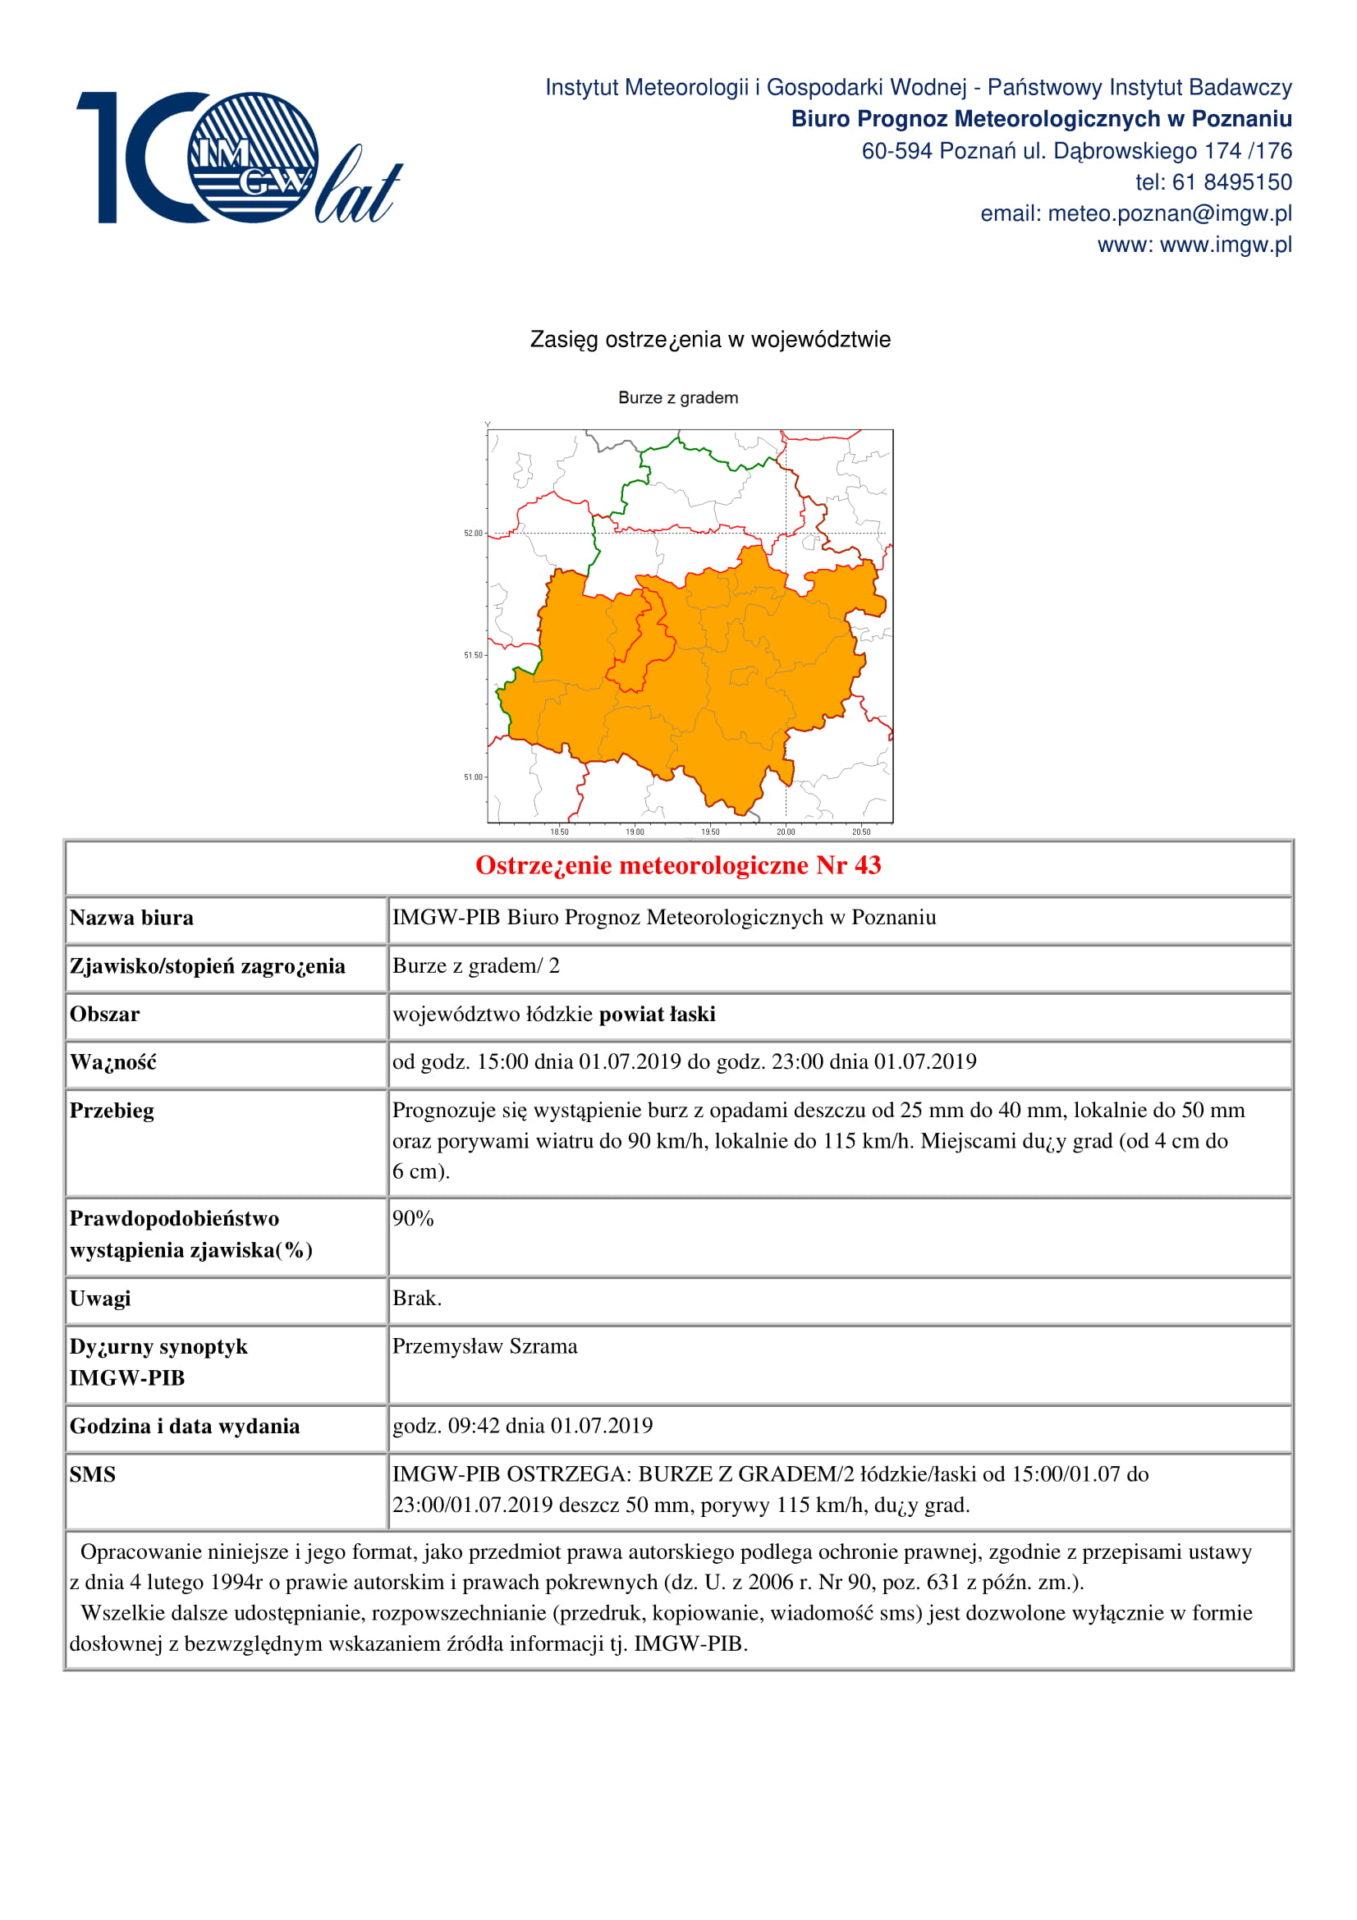 Ostrzeżenie meteorologiczne Nr 43 – BURZE Z GRADEM